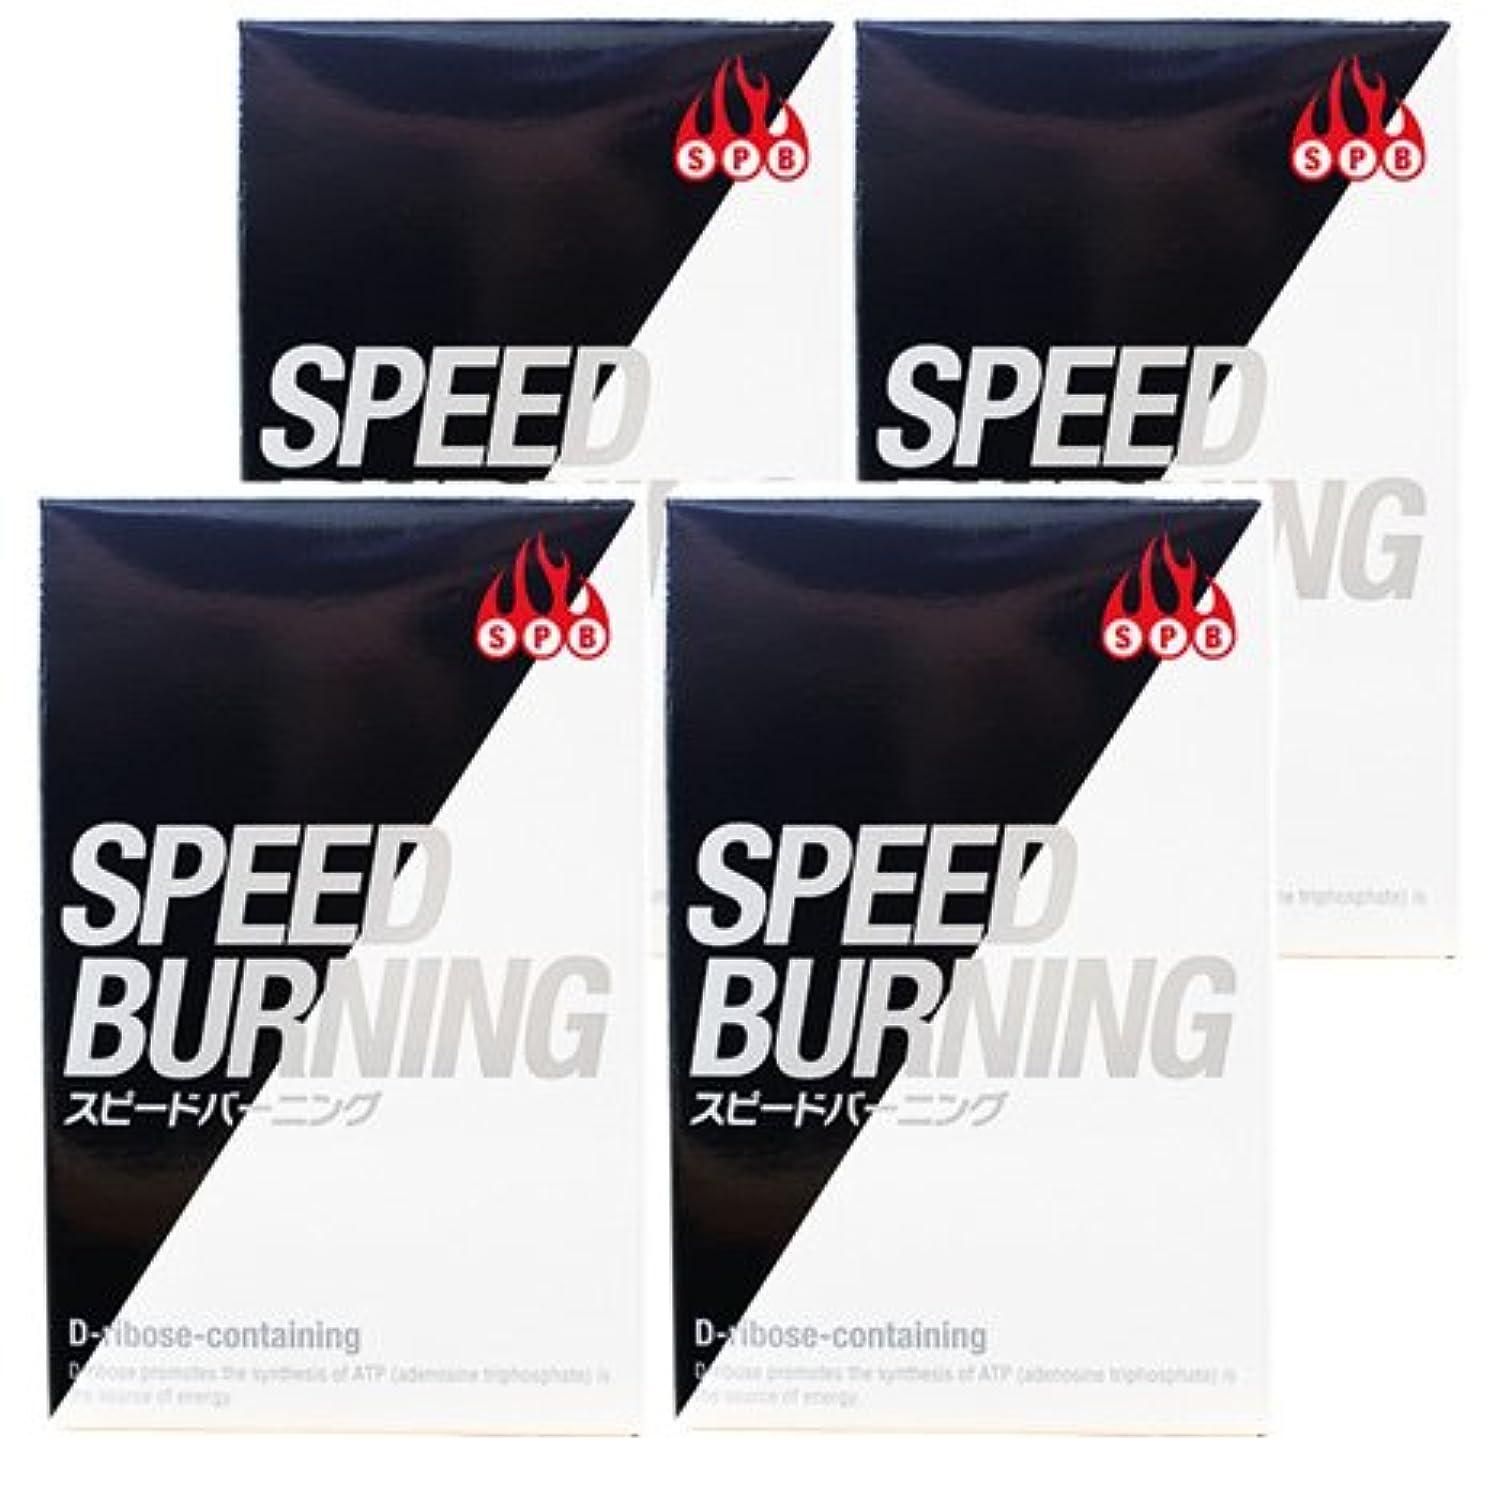 どんよりしたゴールキャビンスピードバーニング SPEED BURNING×4個